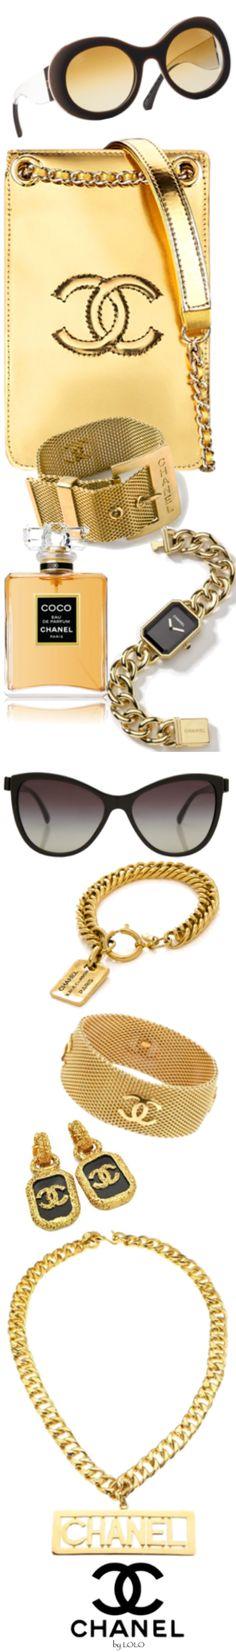 Luxury Shop- CHANEL - ♔LadyLuxury♔